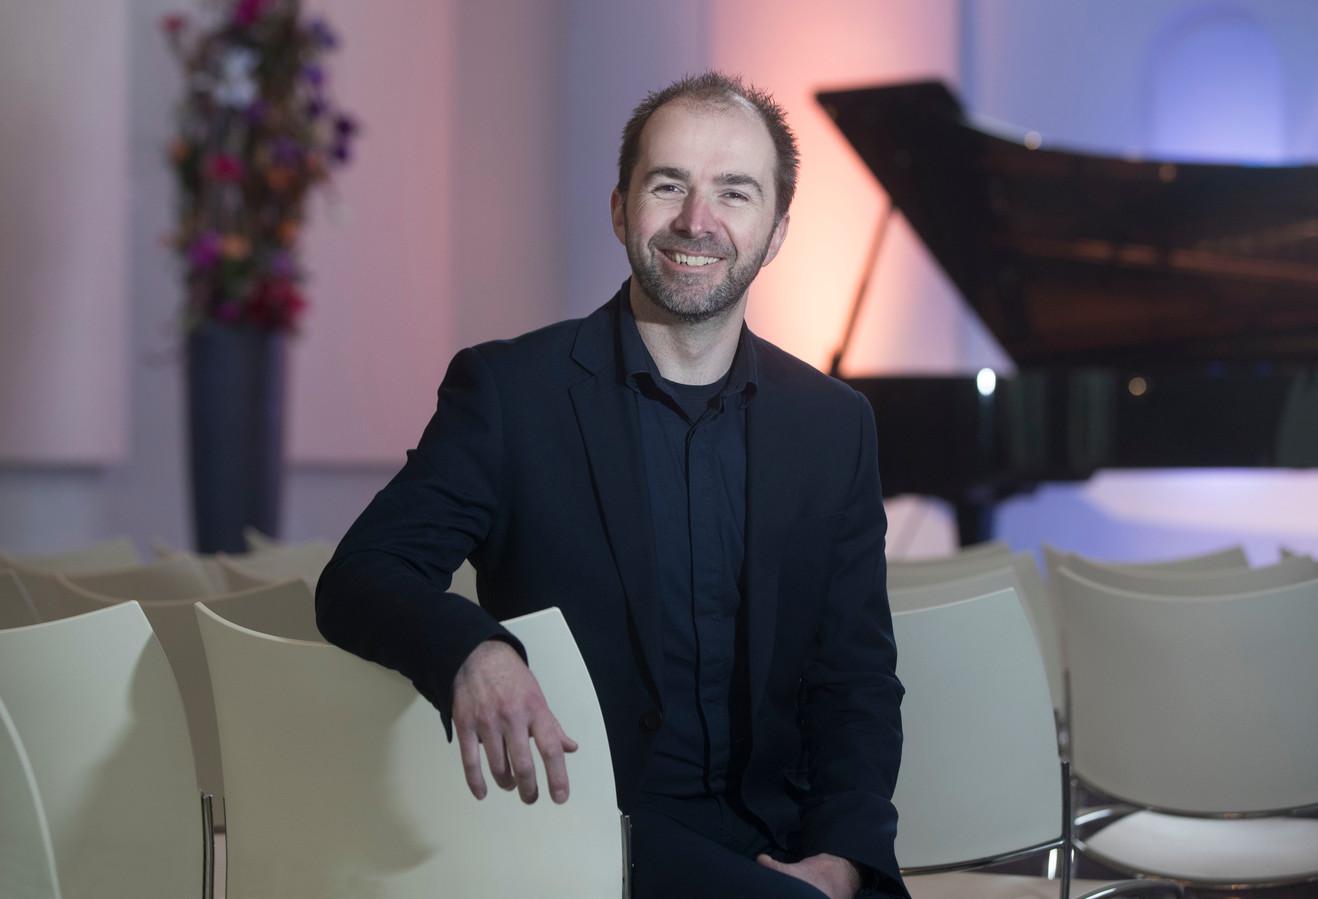 Ondernemer Nando Eskes in de Edesche Concertzaal: ,,Alles zelf uitgevonden, van inrichting tot kaartverkoop.''